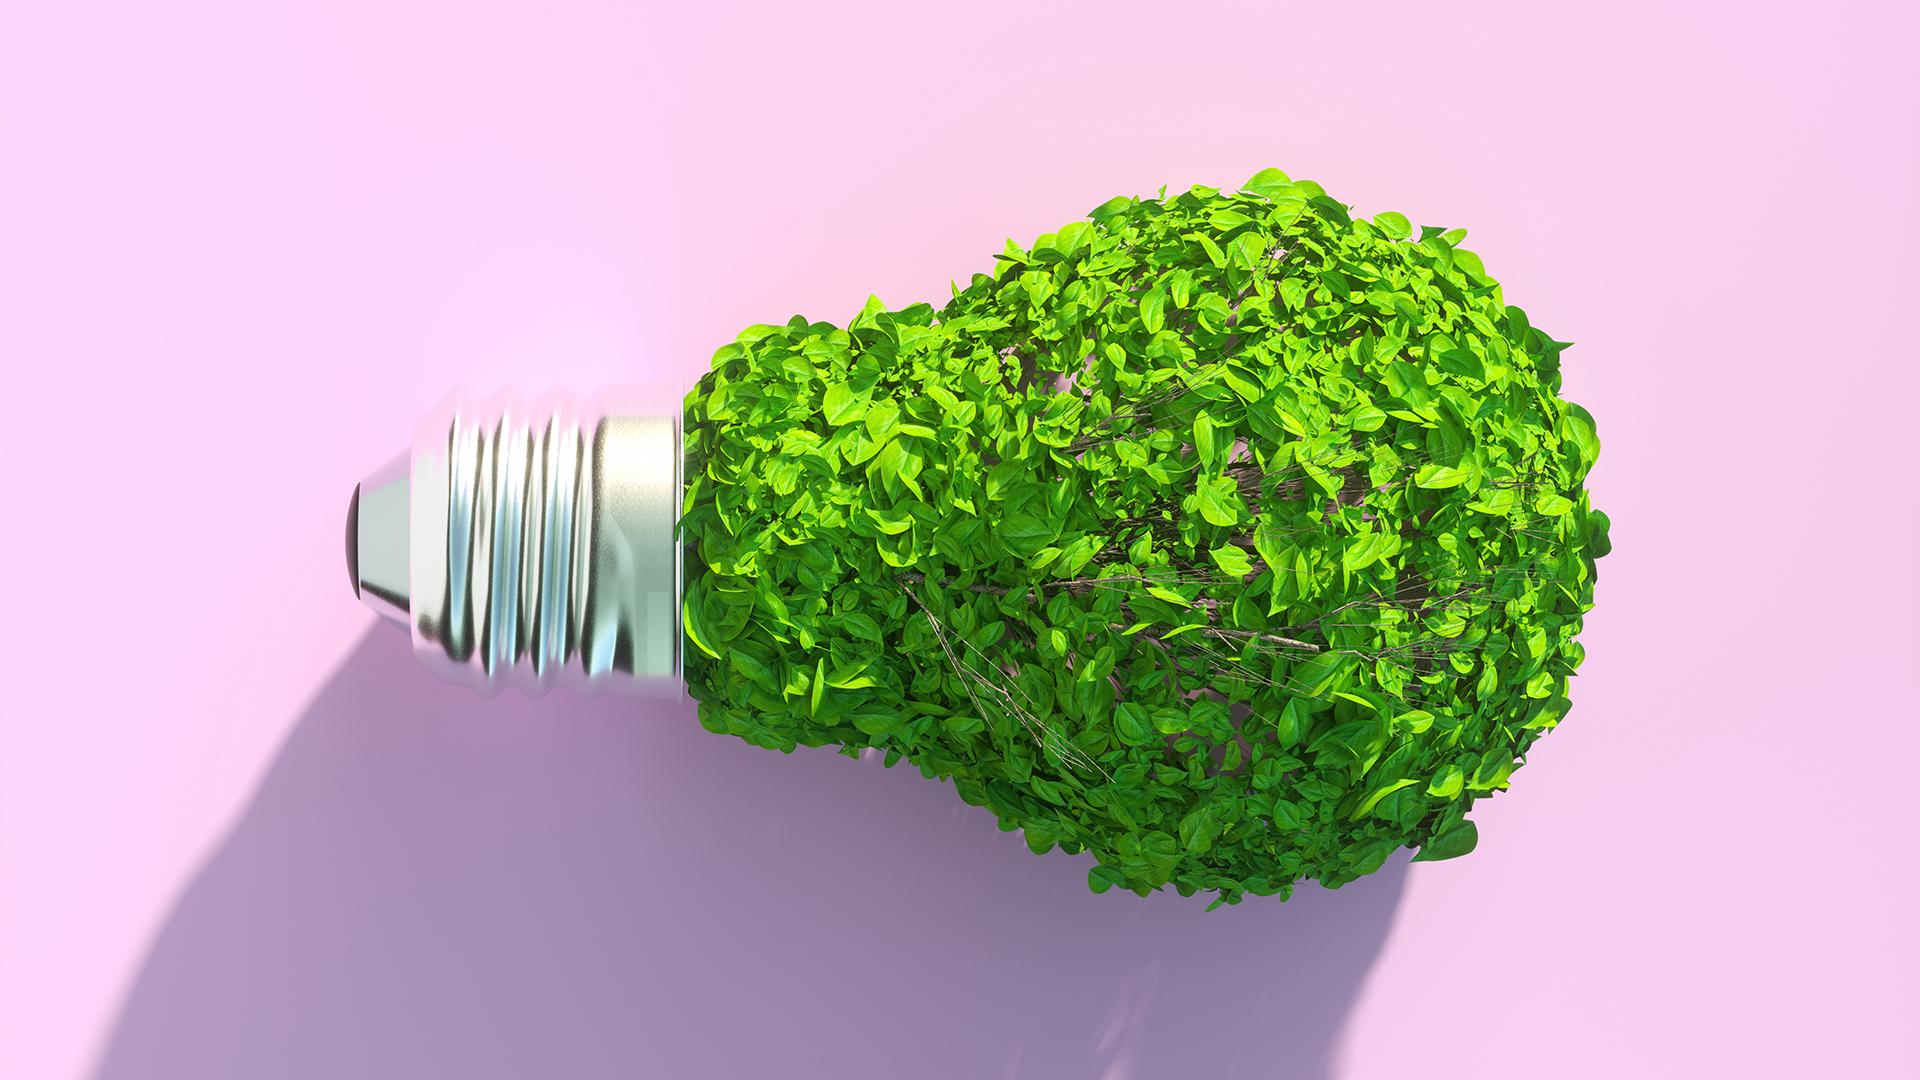 Világító növények válthatják a városi lámpaoszlopokat